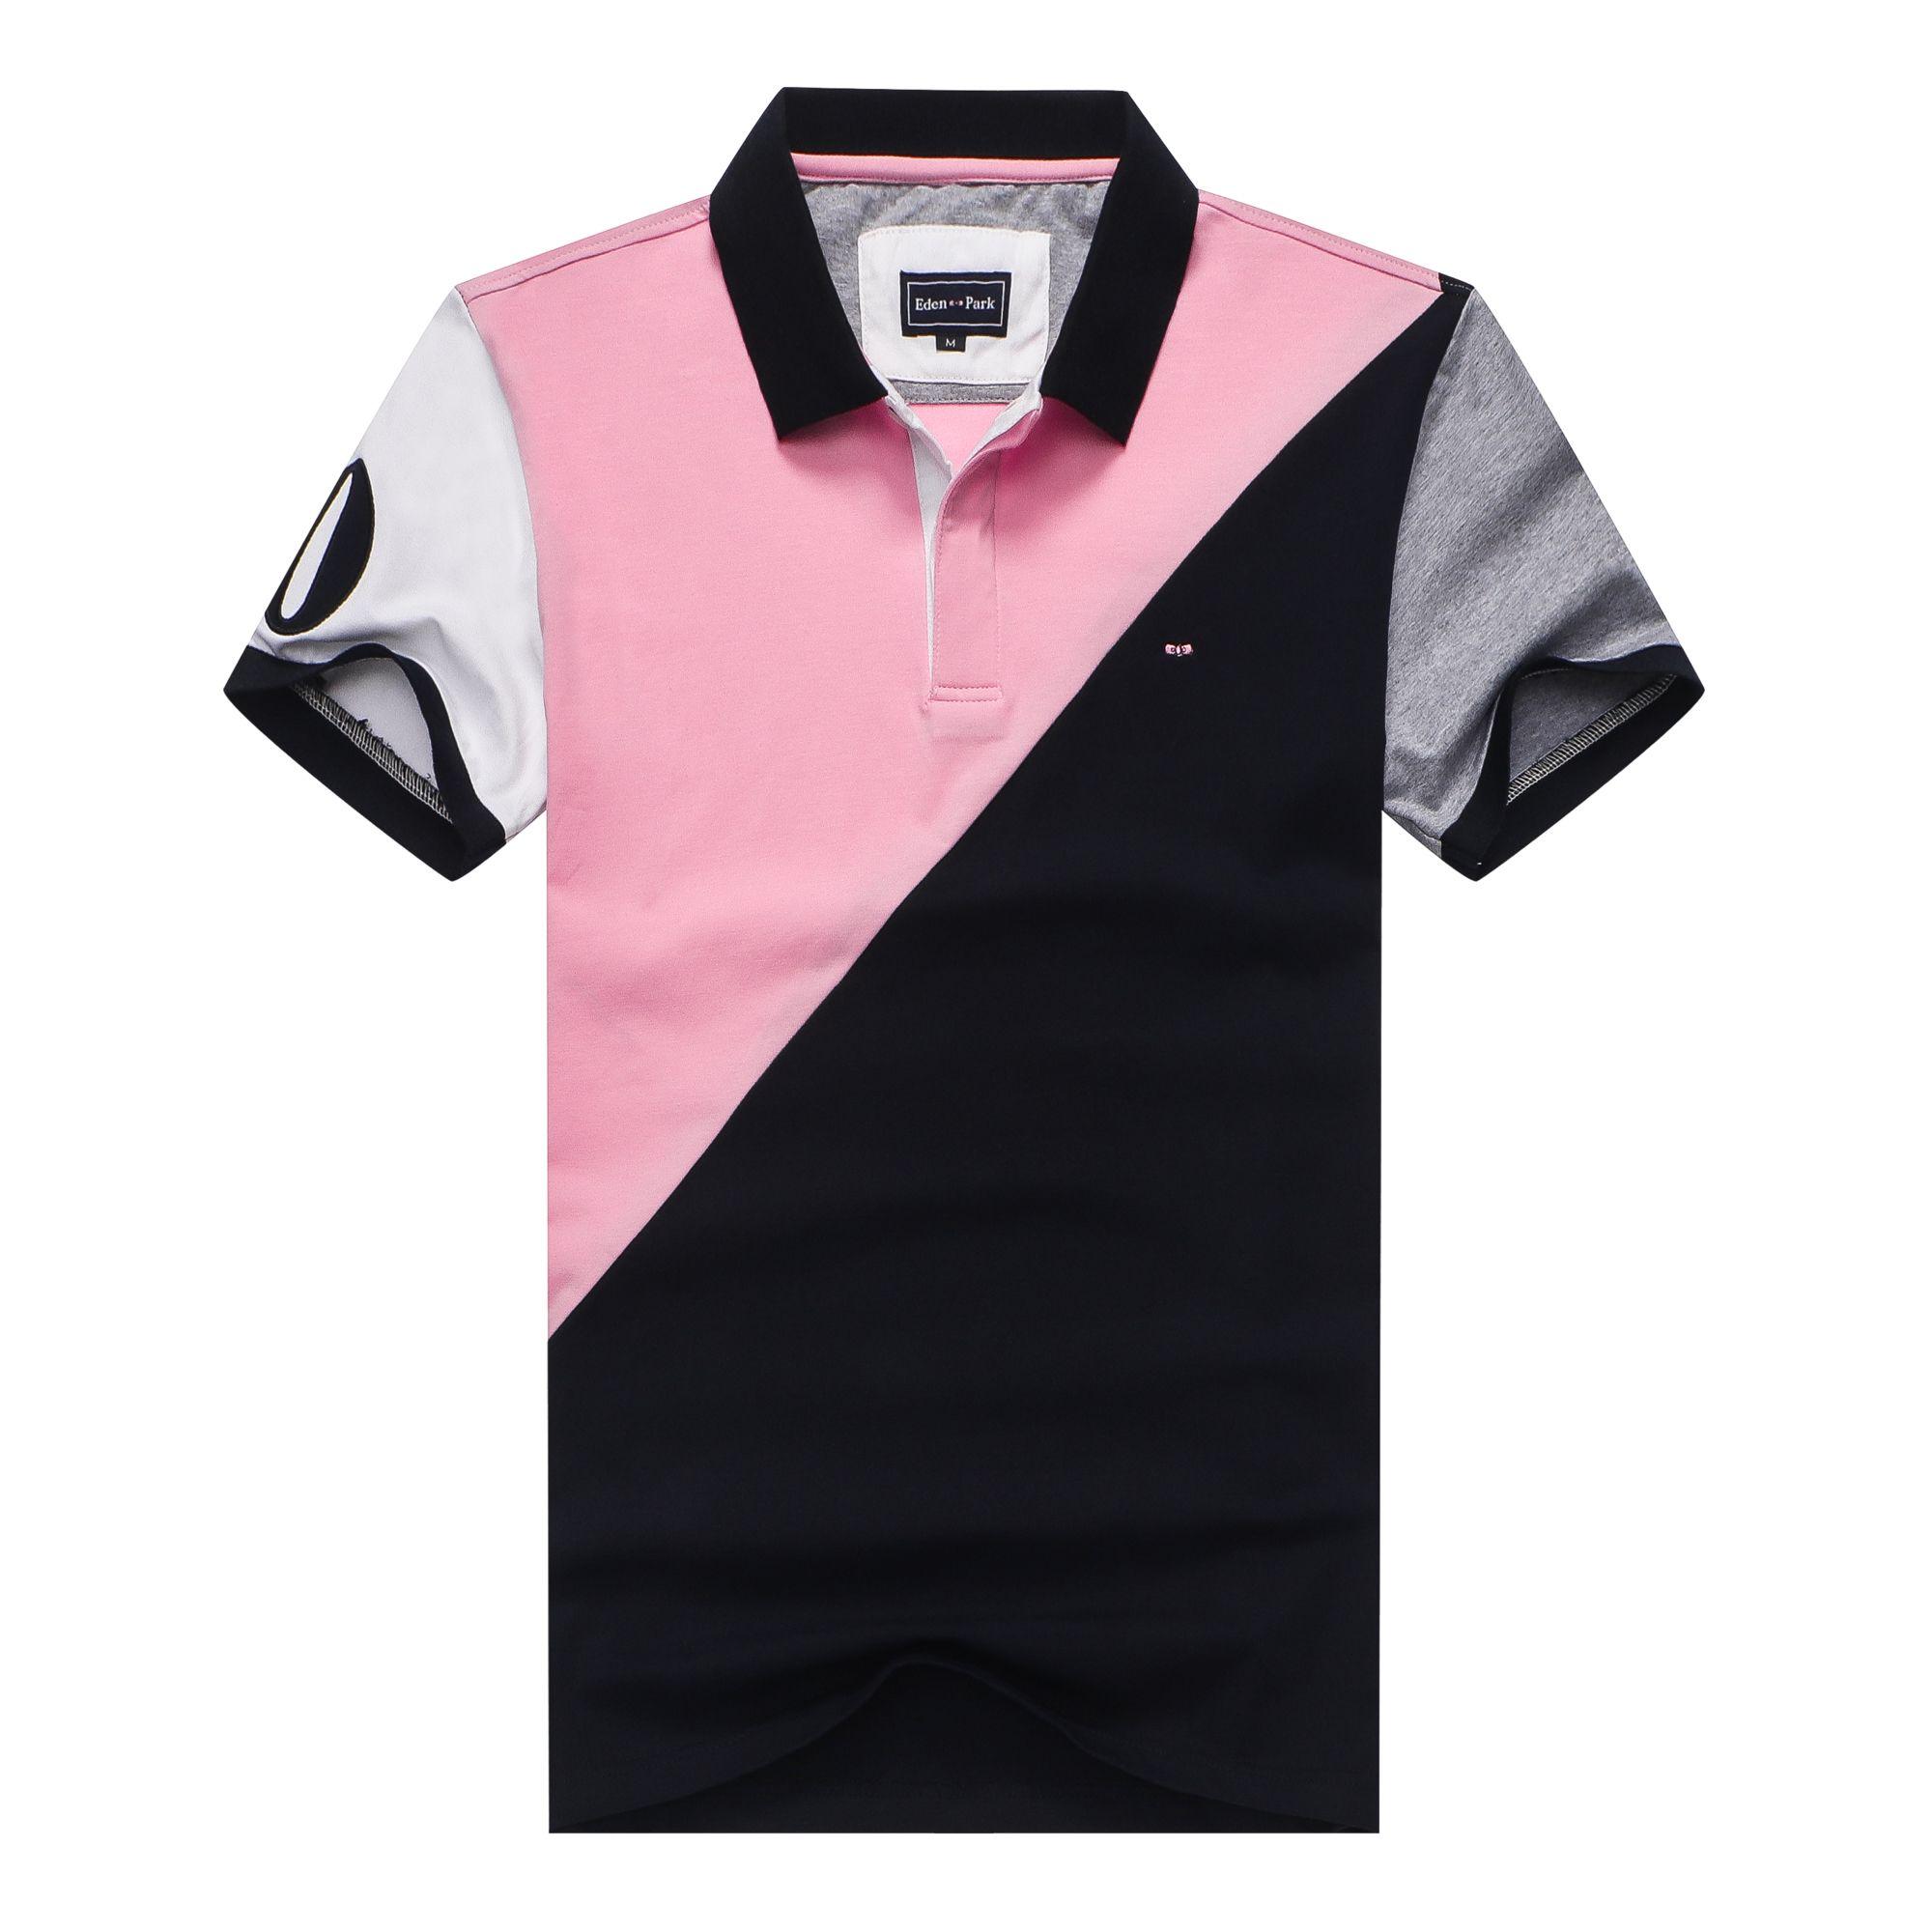 Эден парк к 2020 году новых хлопок Франция бренд дизайнер мужской роскоши рубашка поло мужская рубашка поло с коротким рукавом повседневная включите воротник большой размер 3XL